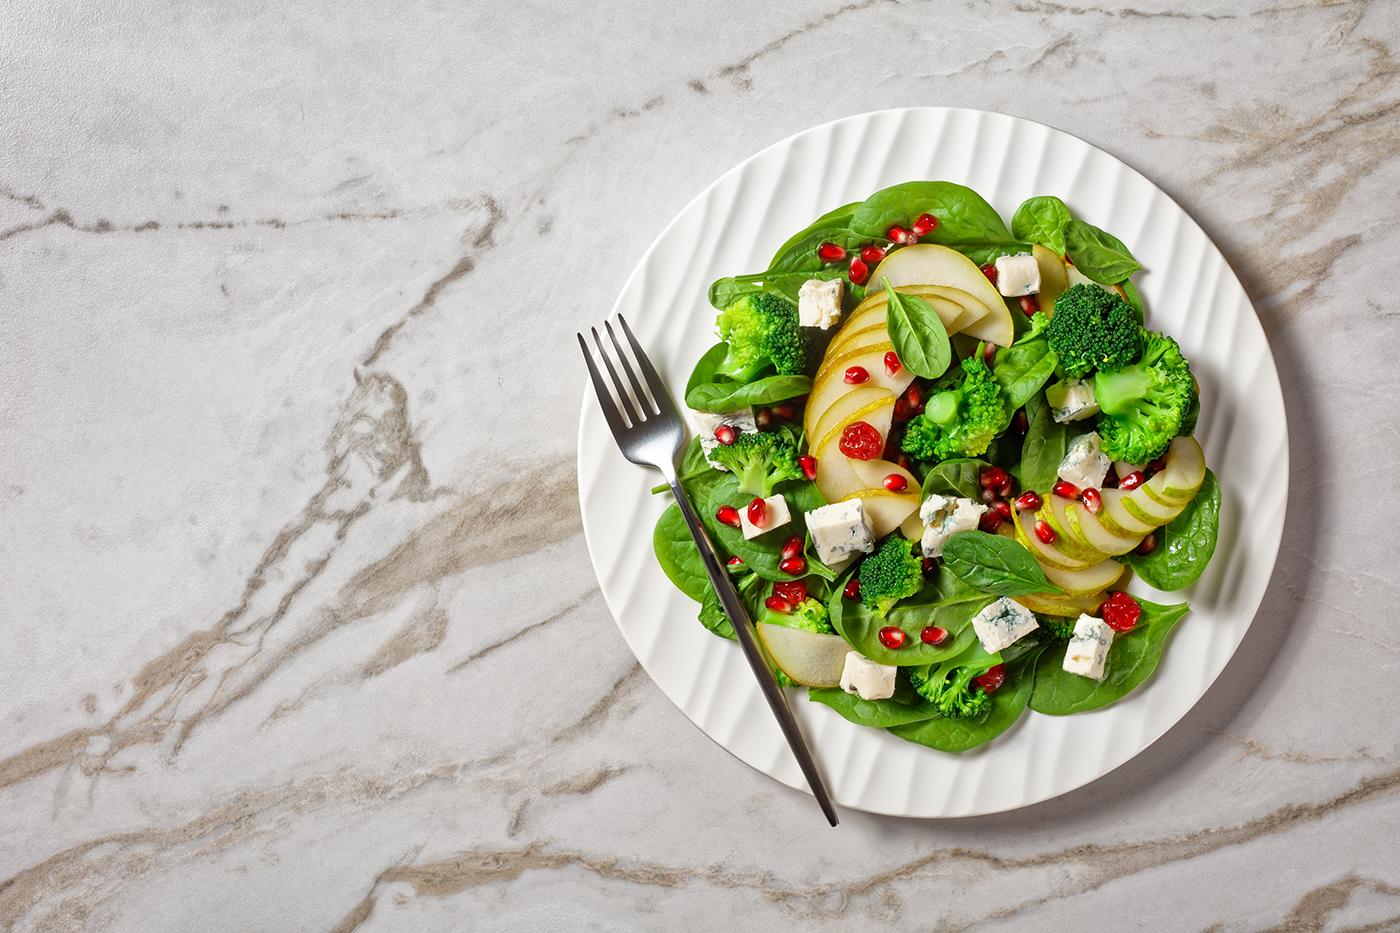 salade aux graines de grenade - recette healthy